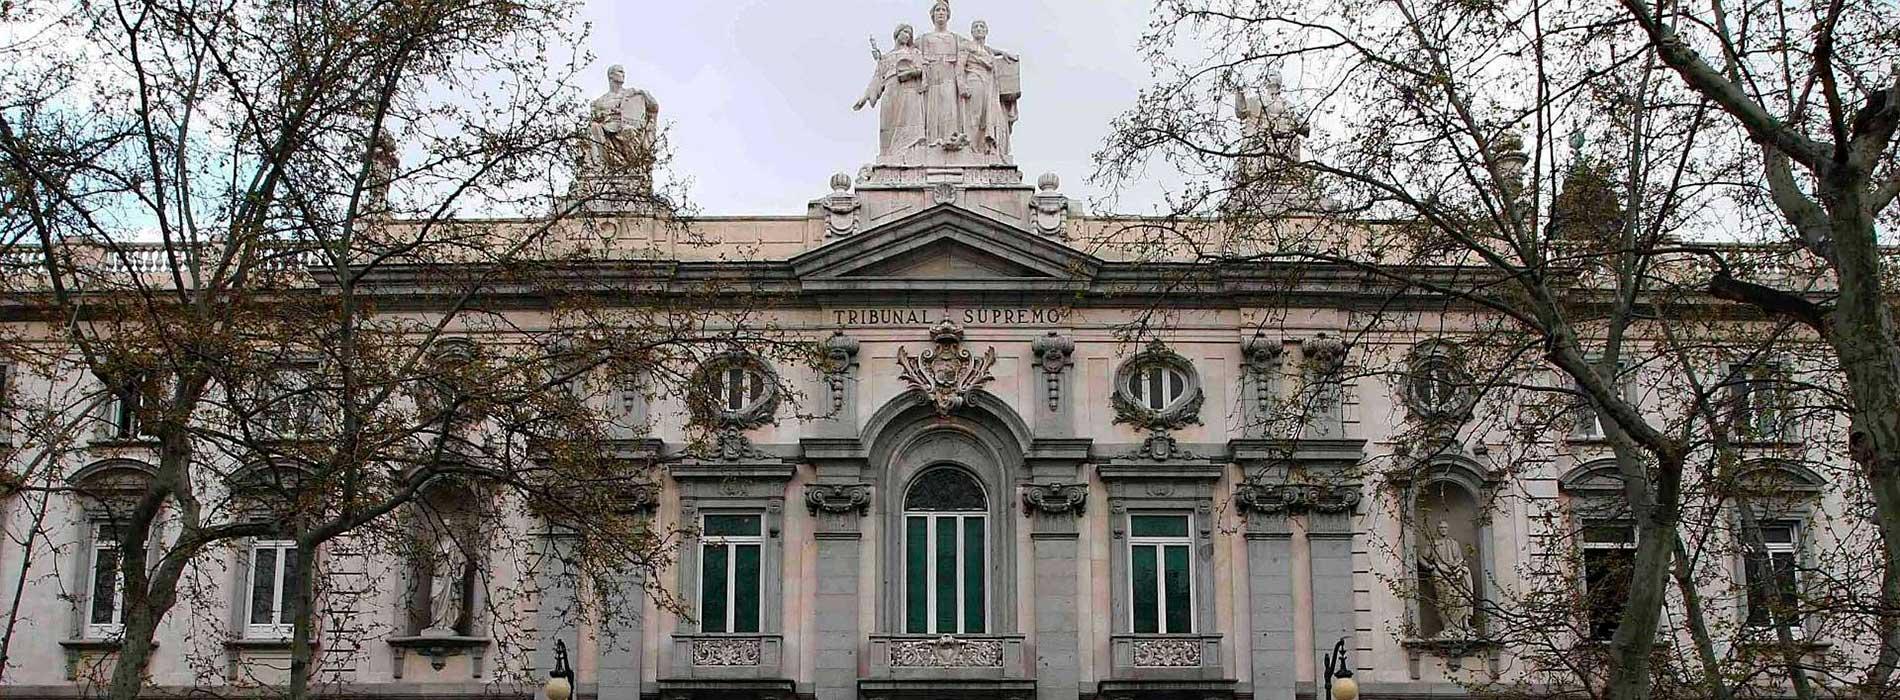 tribunal-supremo-divorcio-vivienda-tortajada-advocats-abogados-sabadell